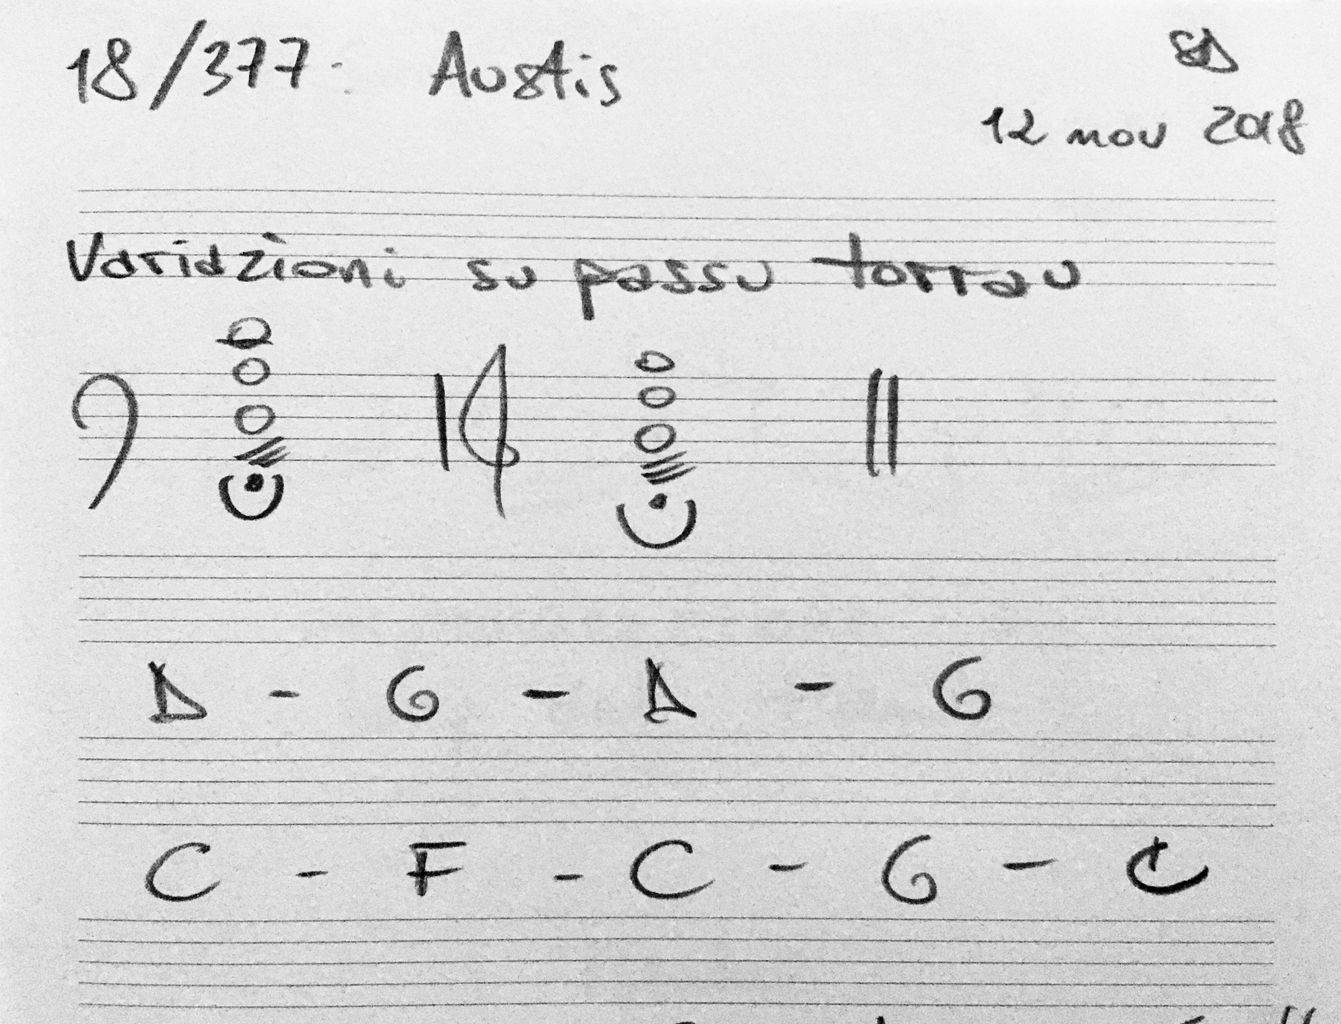 018-Austis-score